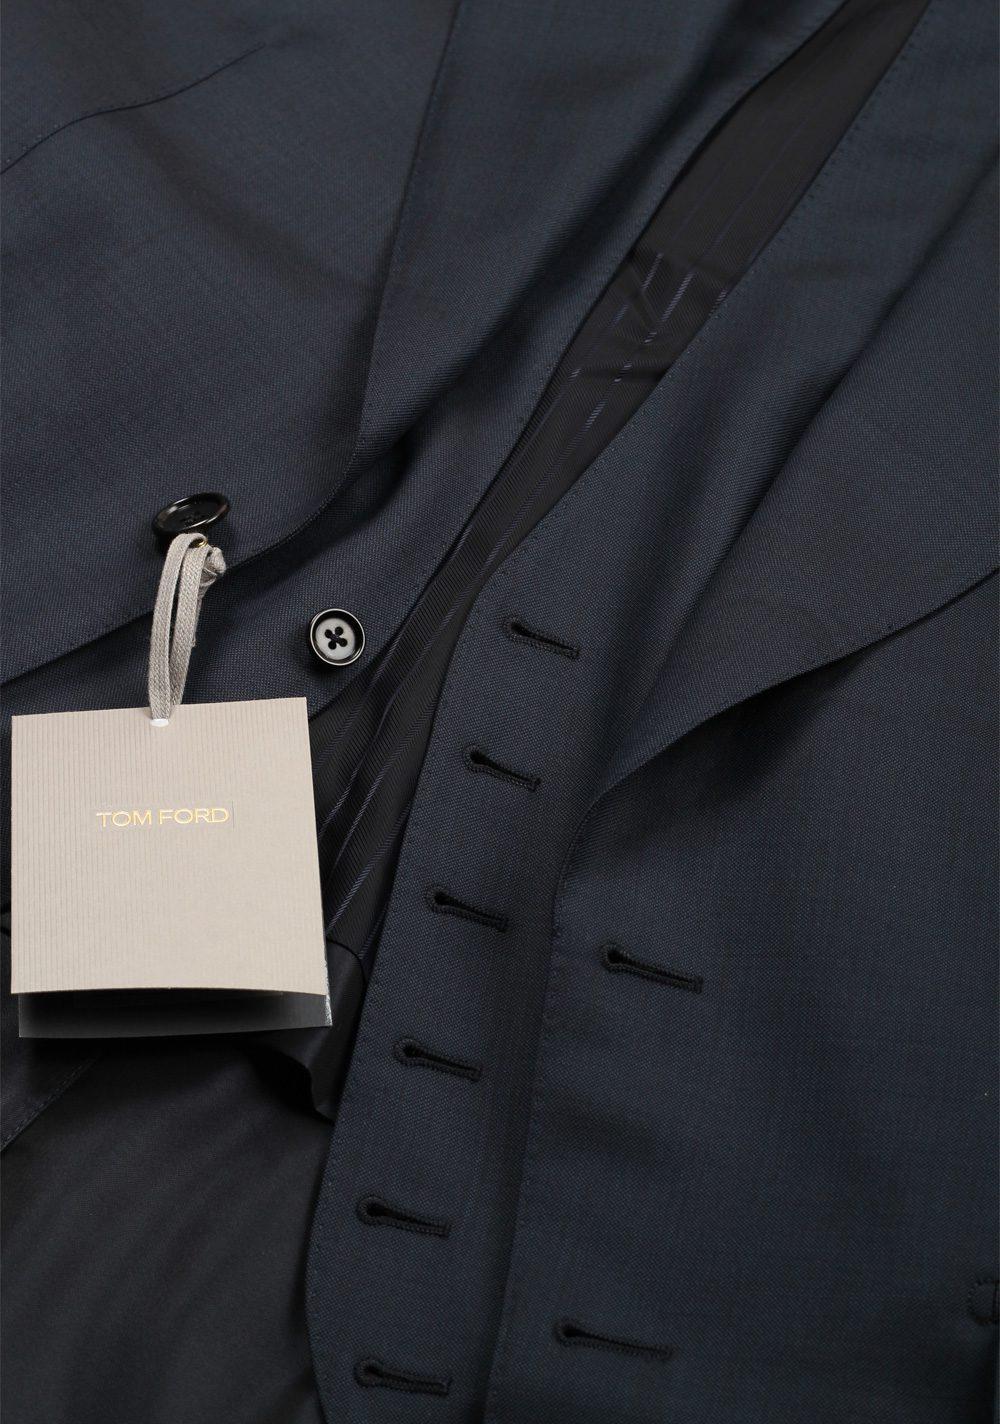 TOM FORD Shelton Blue 3 Piece Suit Size 46C / 36S U.S. | Costume Limité